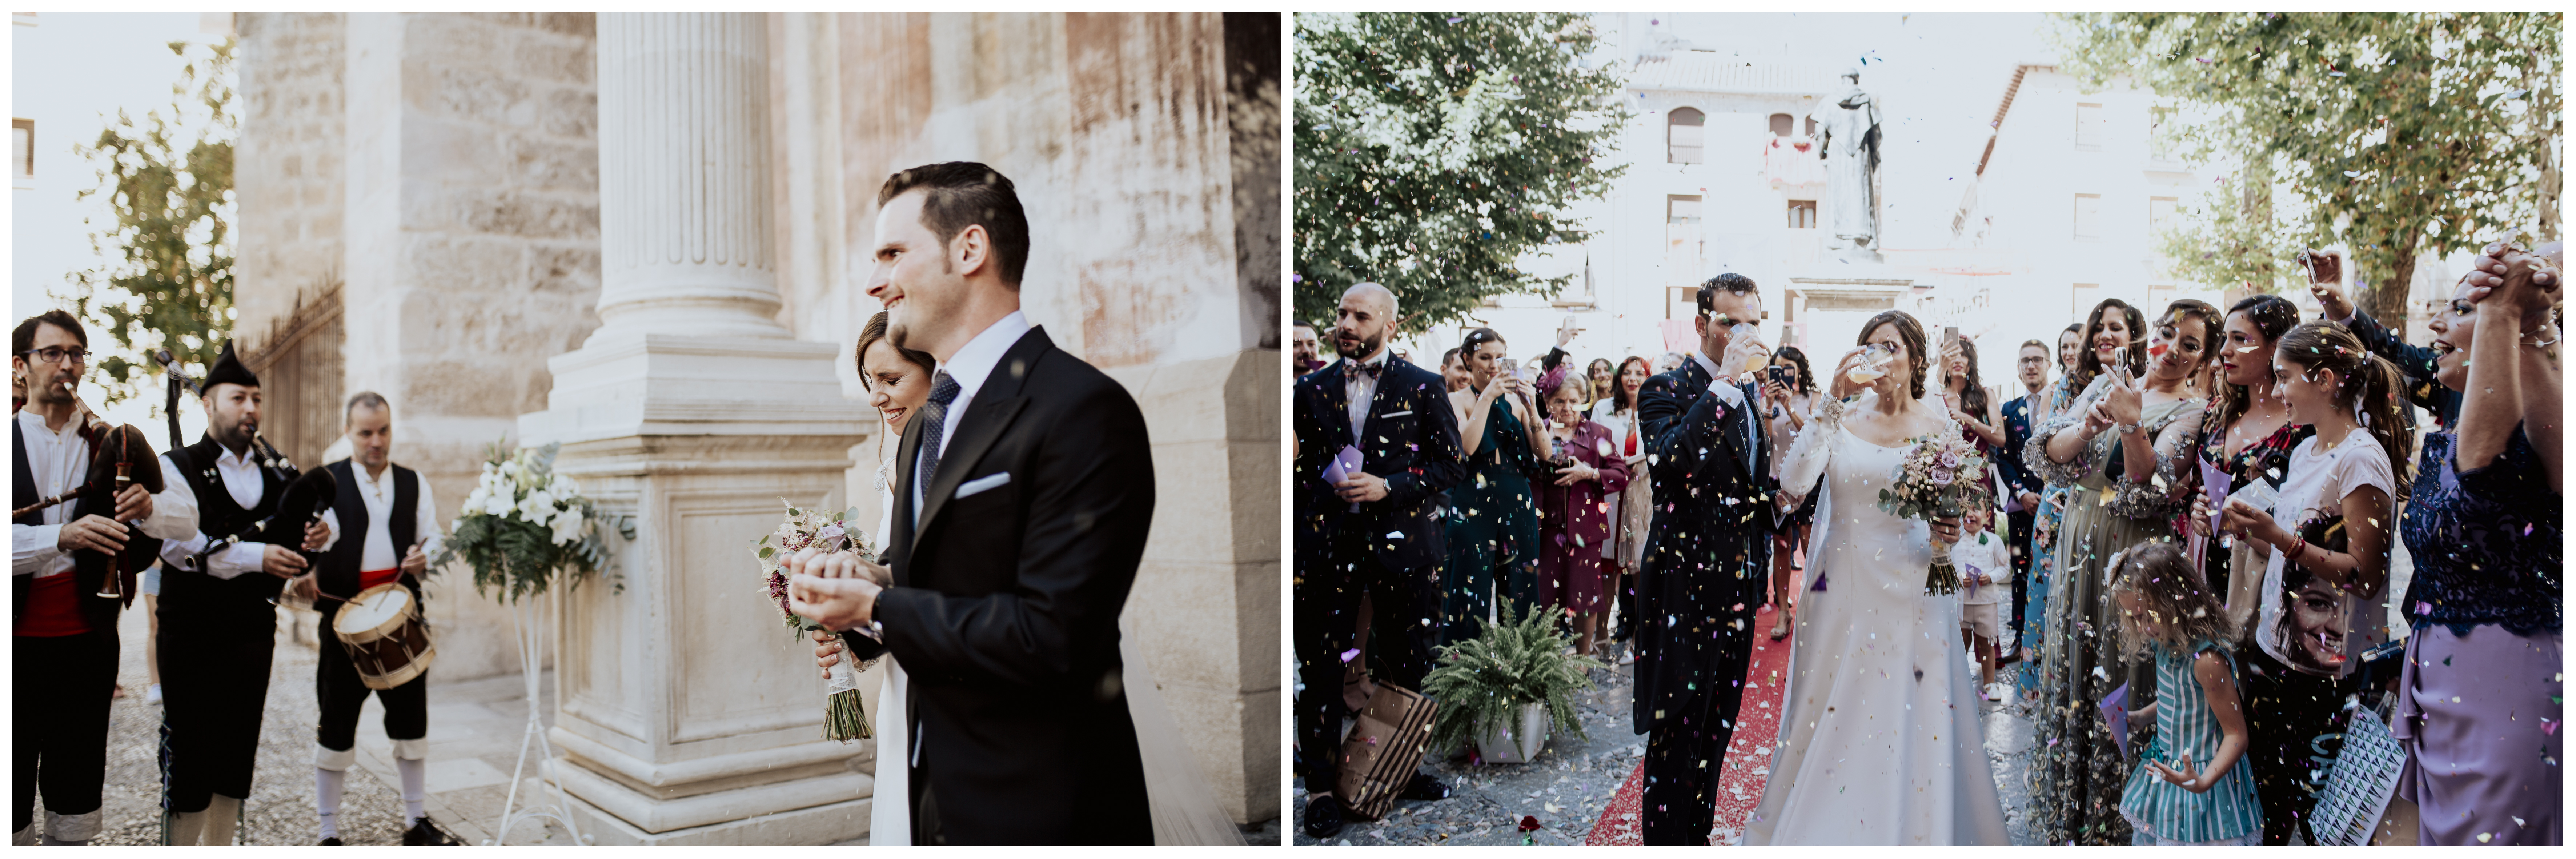 garate-fotografia-de-boda-en-Granada (49)